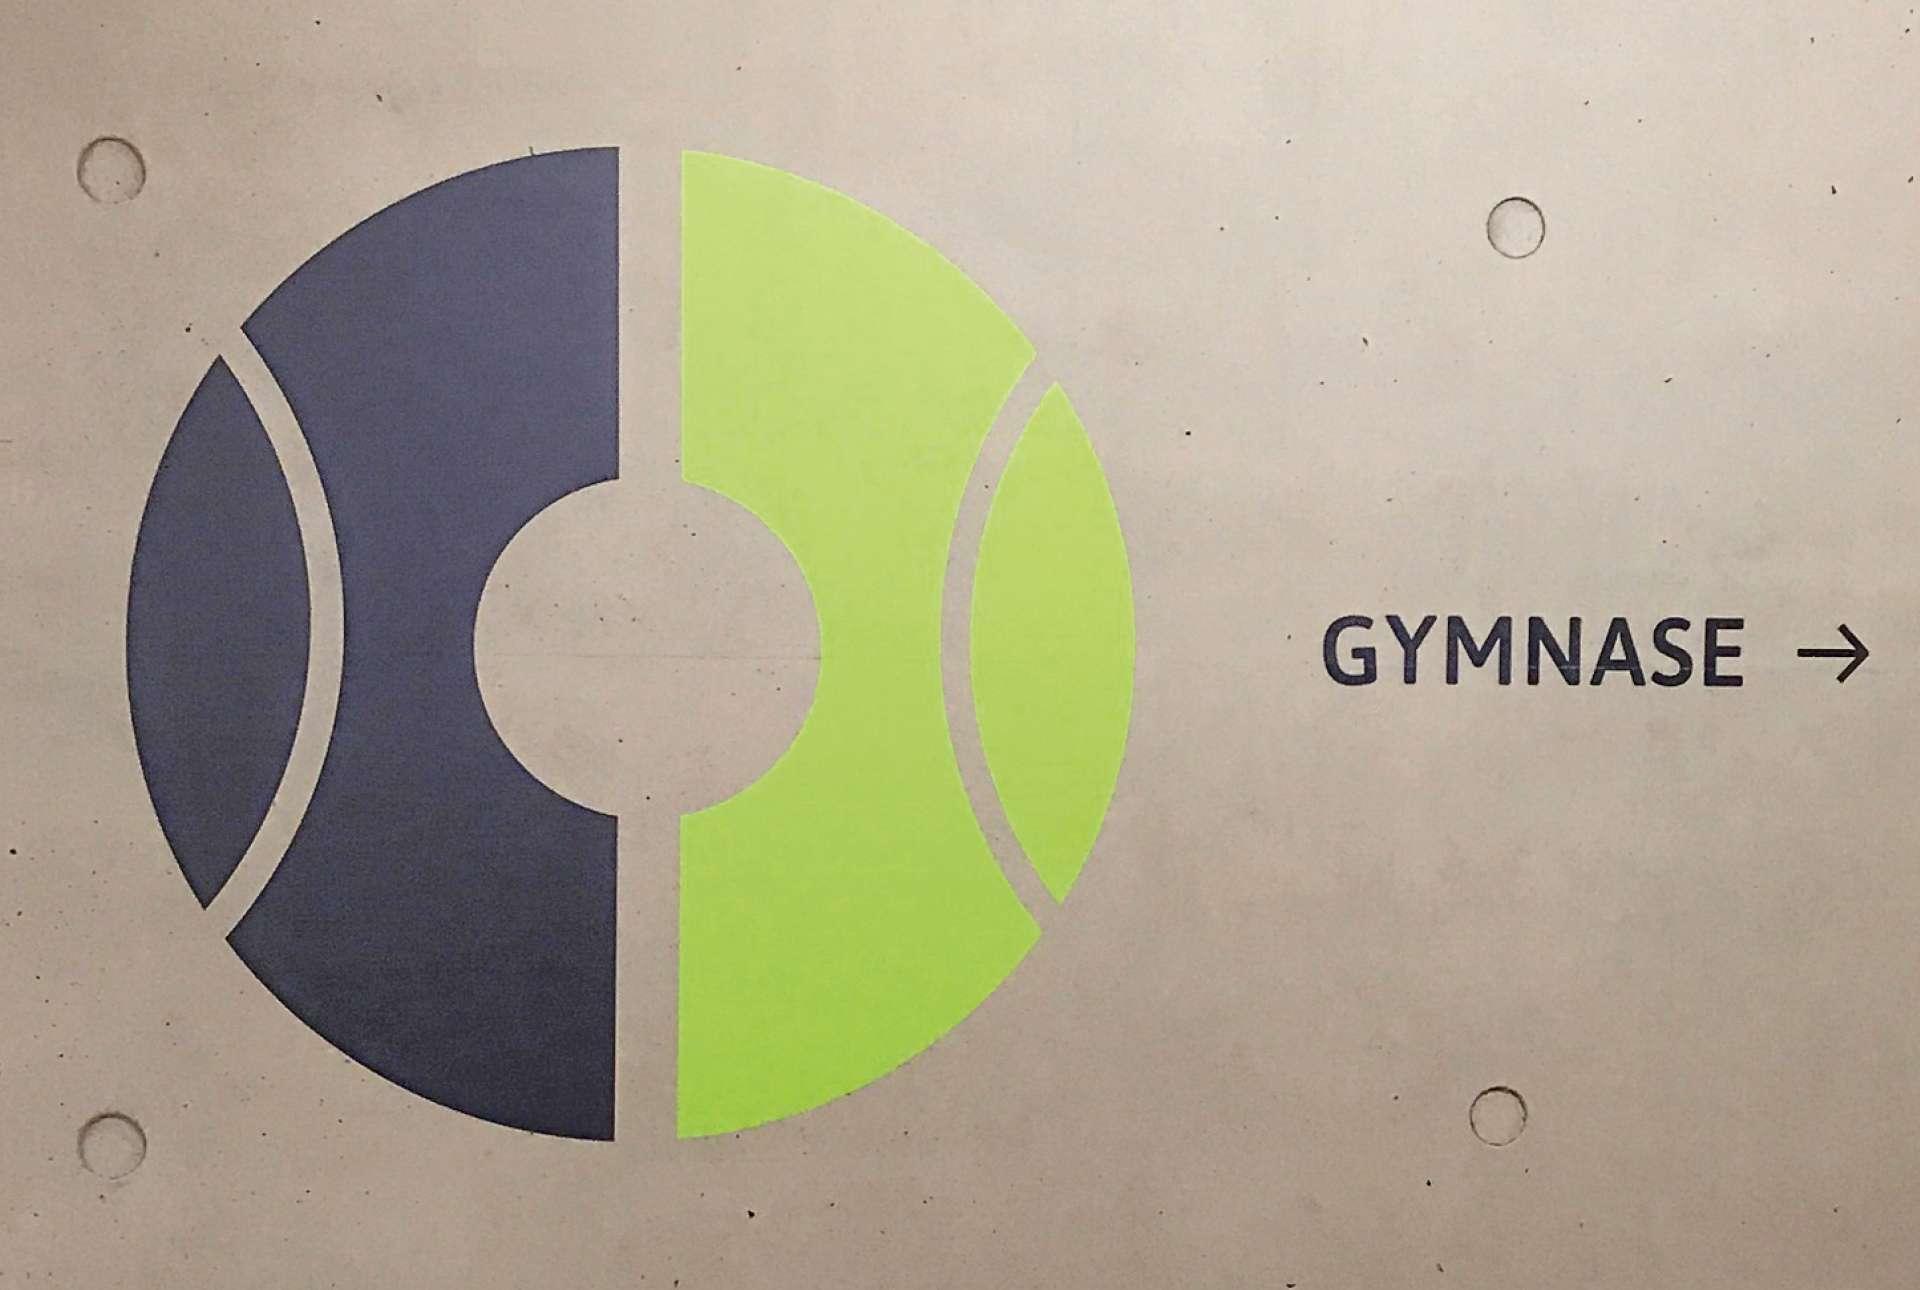 Signalétique directionnelle montrant l'accès au Gymnase des établissements Vauban au Luxembourg